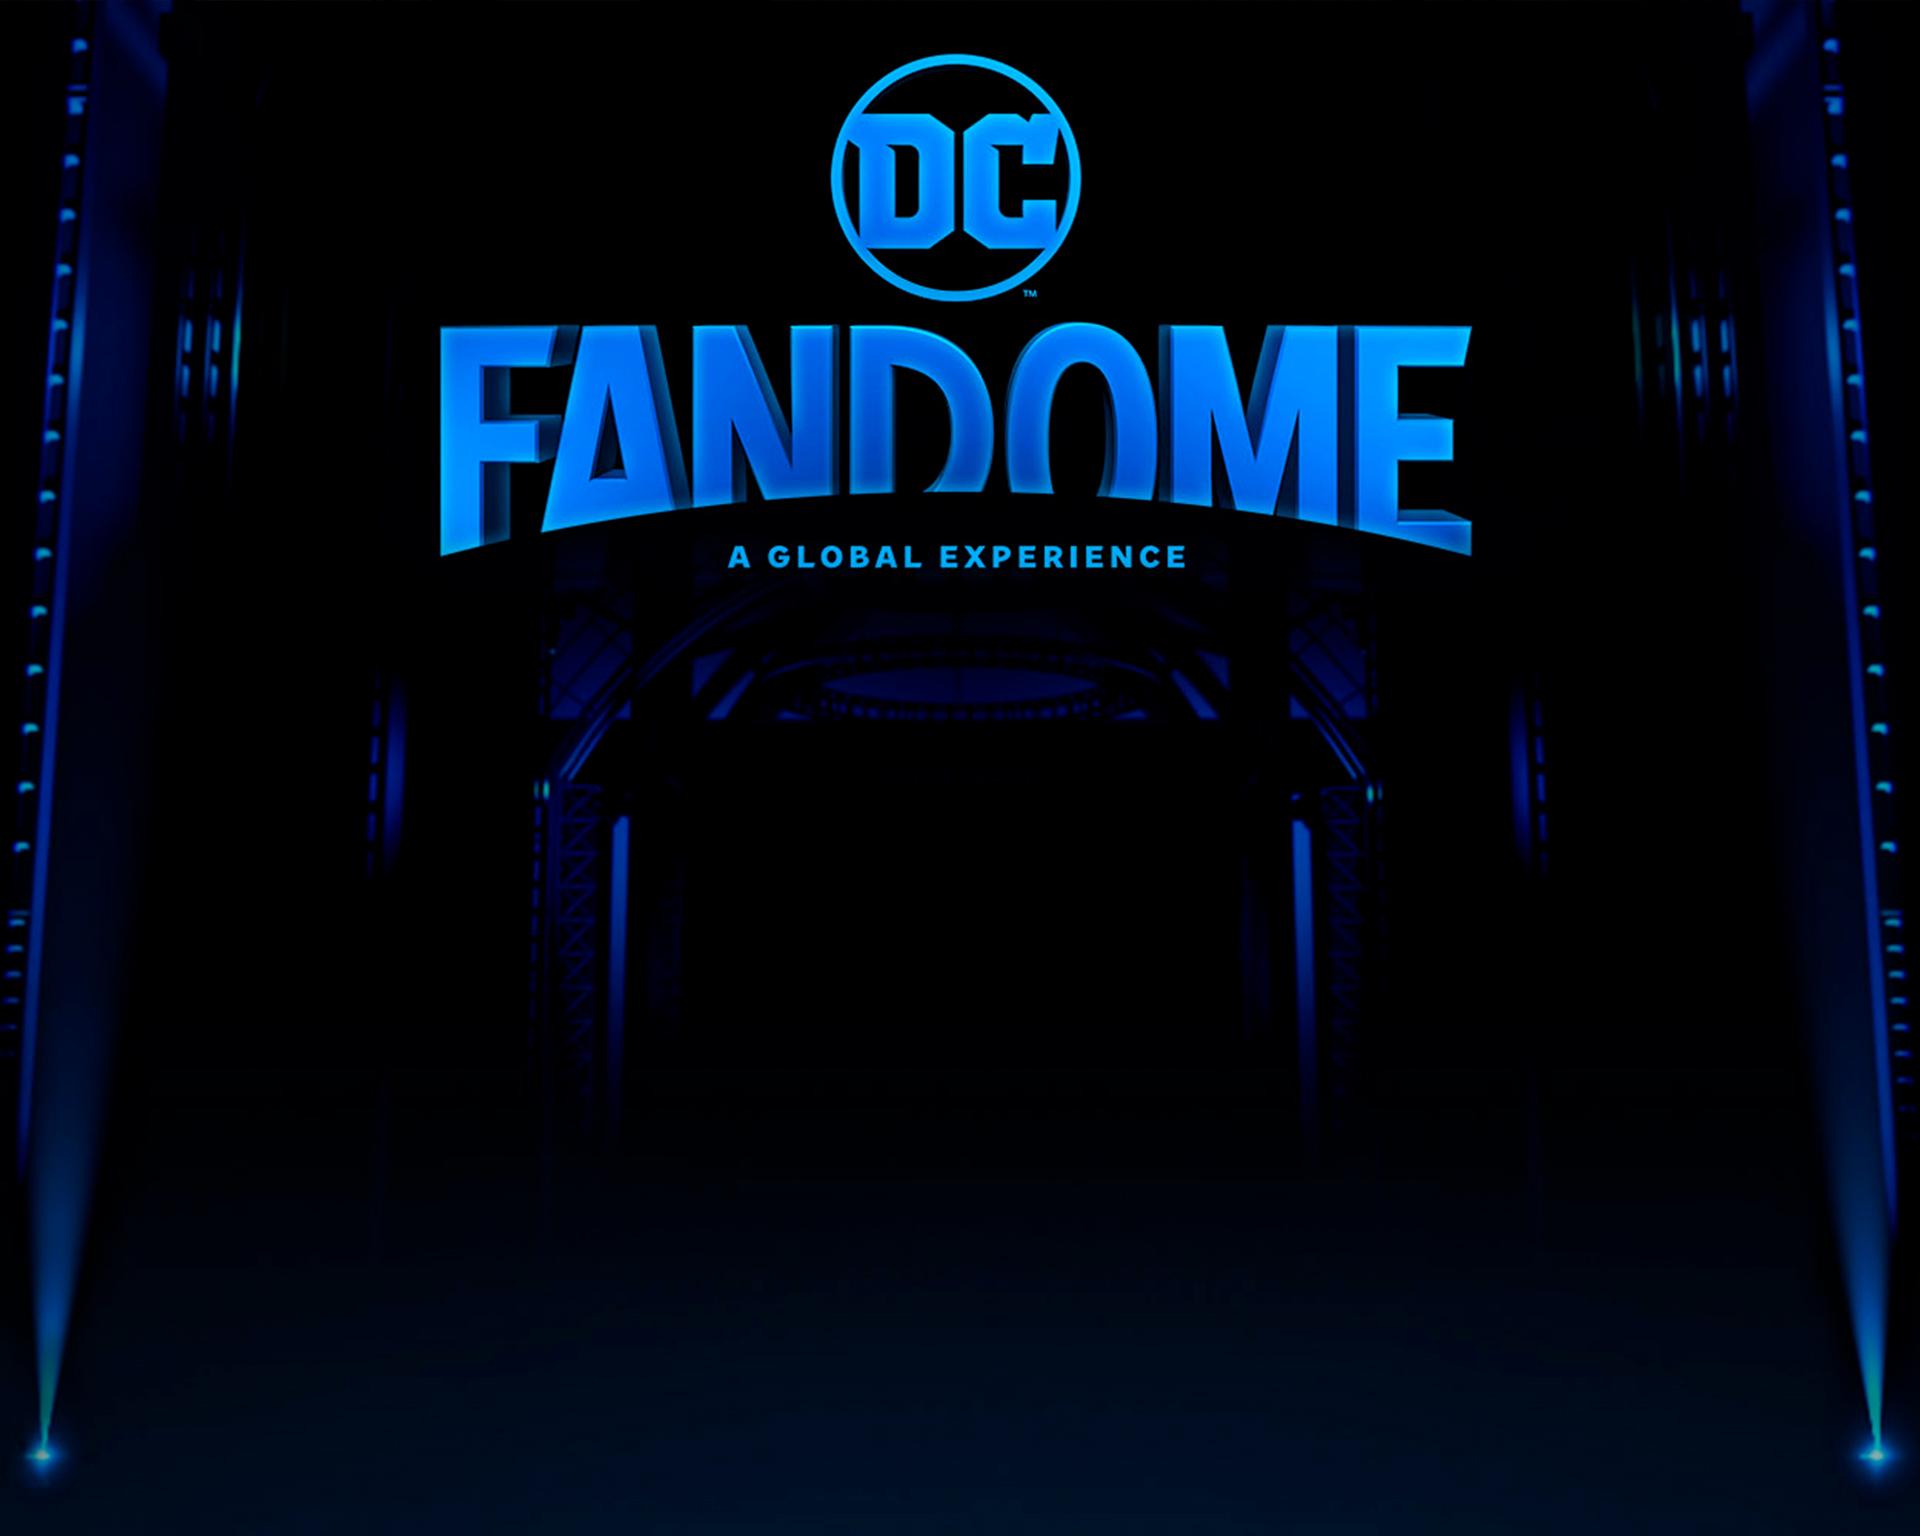 Os melhores momentos do DC Fandome (Parte 1) - Banner